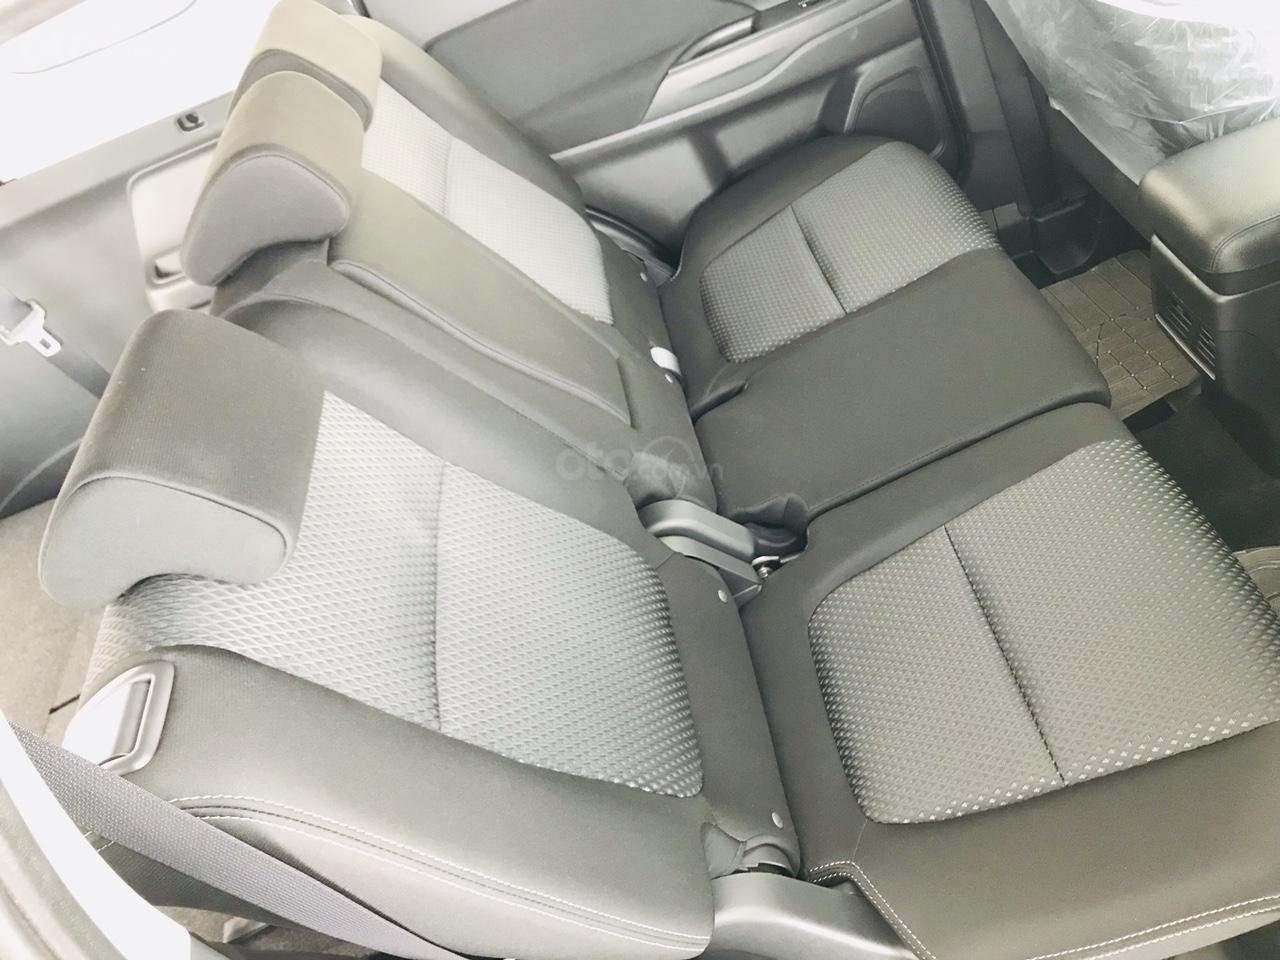 Bán xe Mitsubishi Outlander 2.0 CVT năm sản xuất 2019, trả góp 80%, liên hệ: 0969 496 596 để nhận nhiều ưu đãi (8)